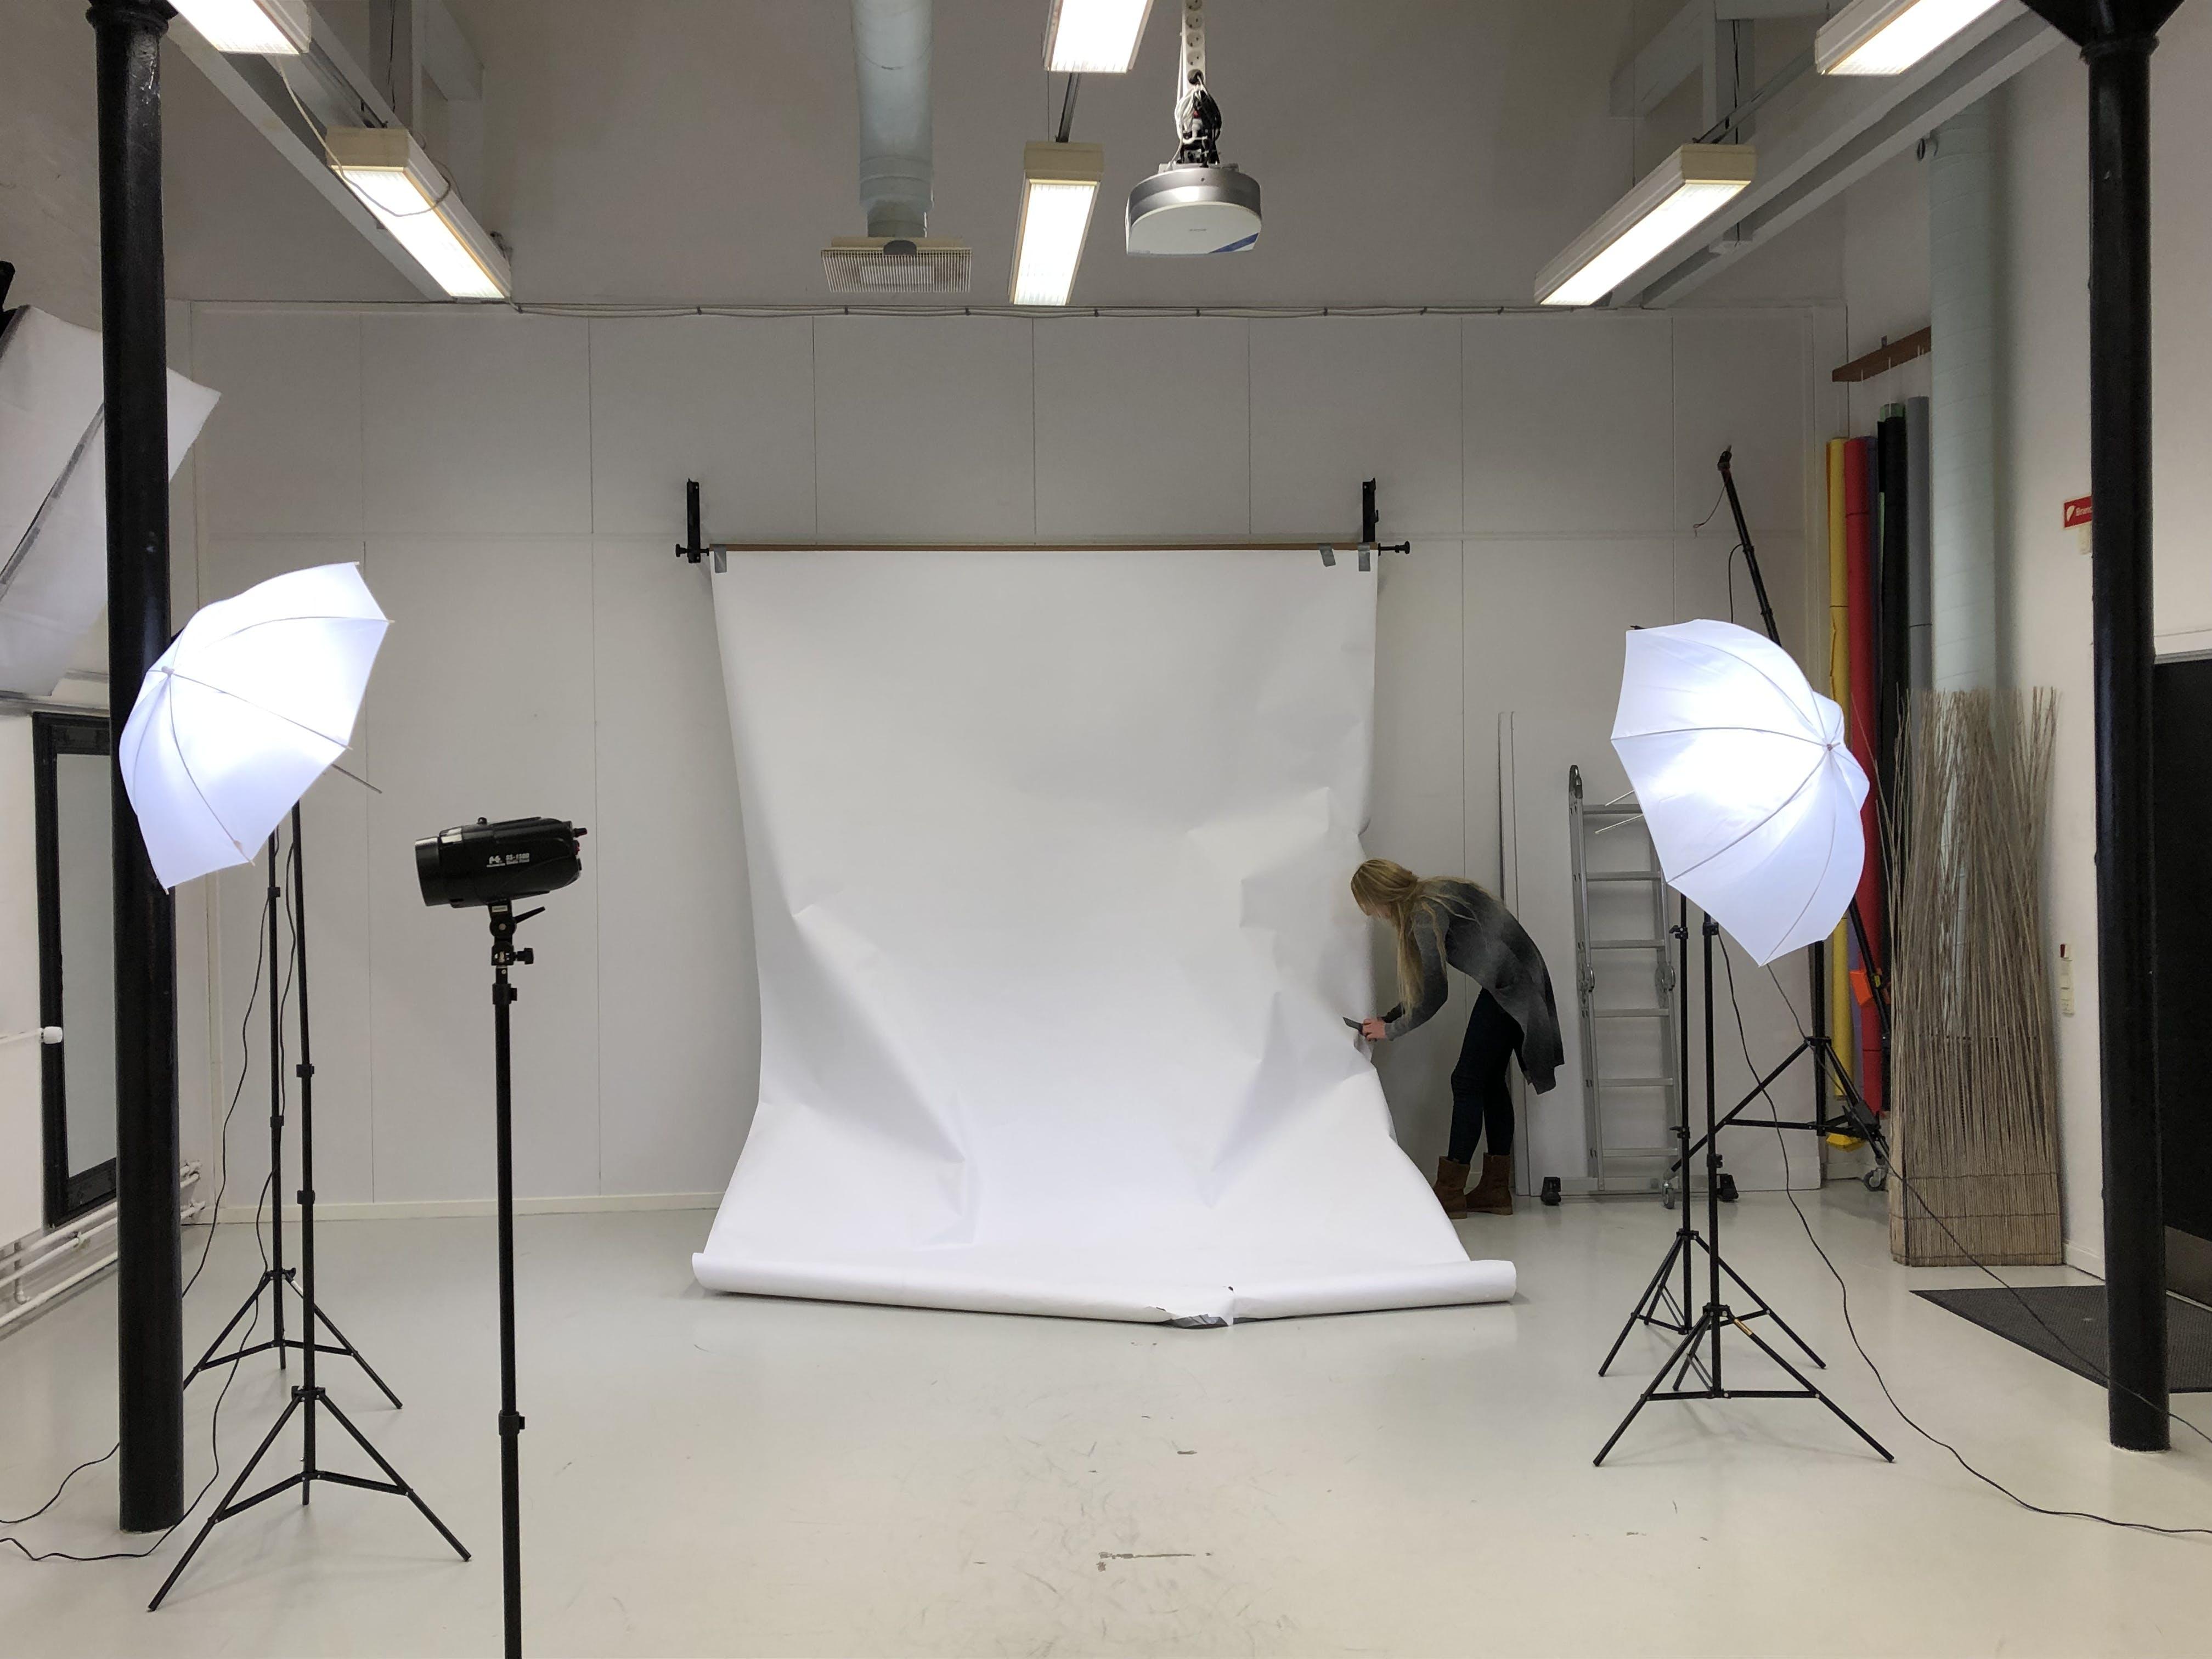 Kostenloses Stock Foto zu business, drinnen, festsetzung, fotostudio